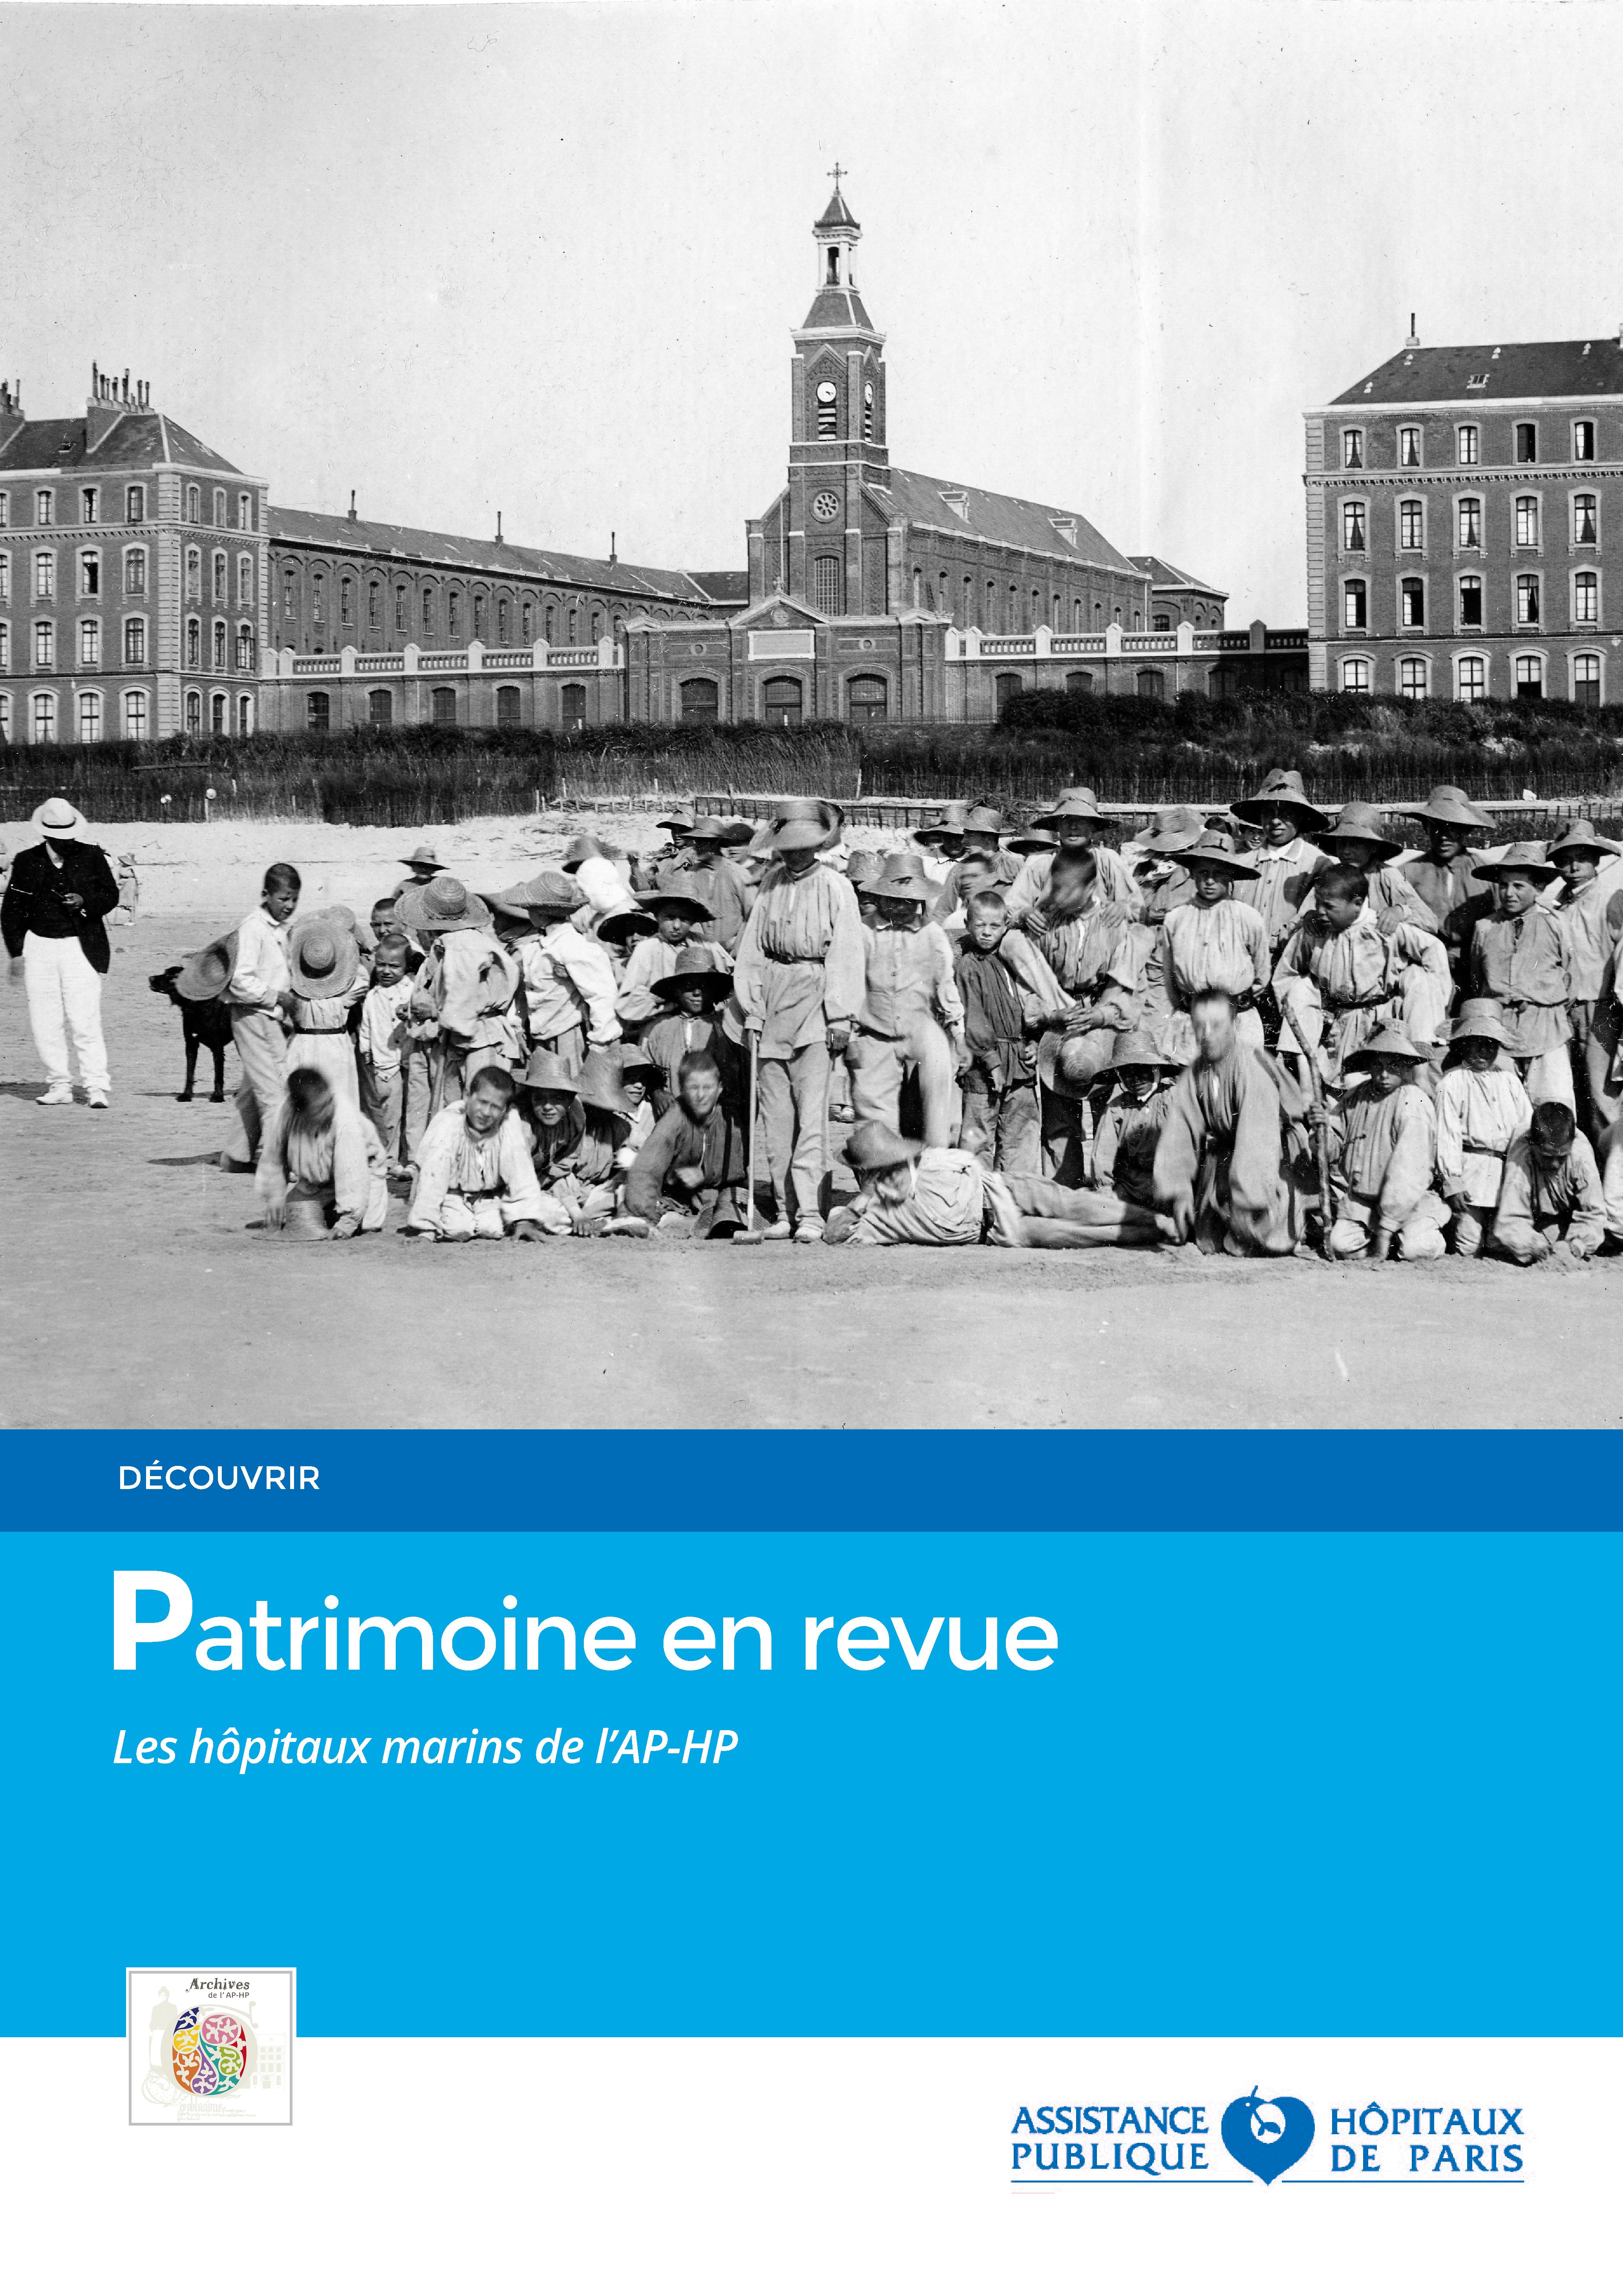 Pat-en-revue_hopitaux_marin